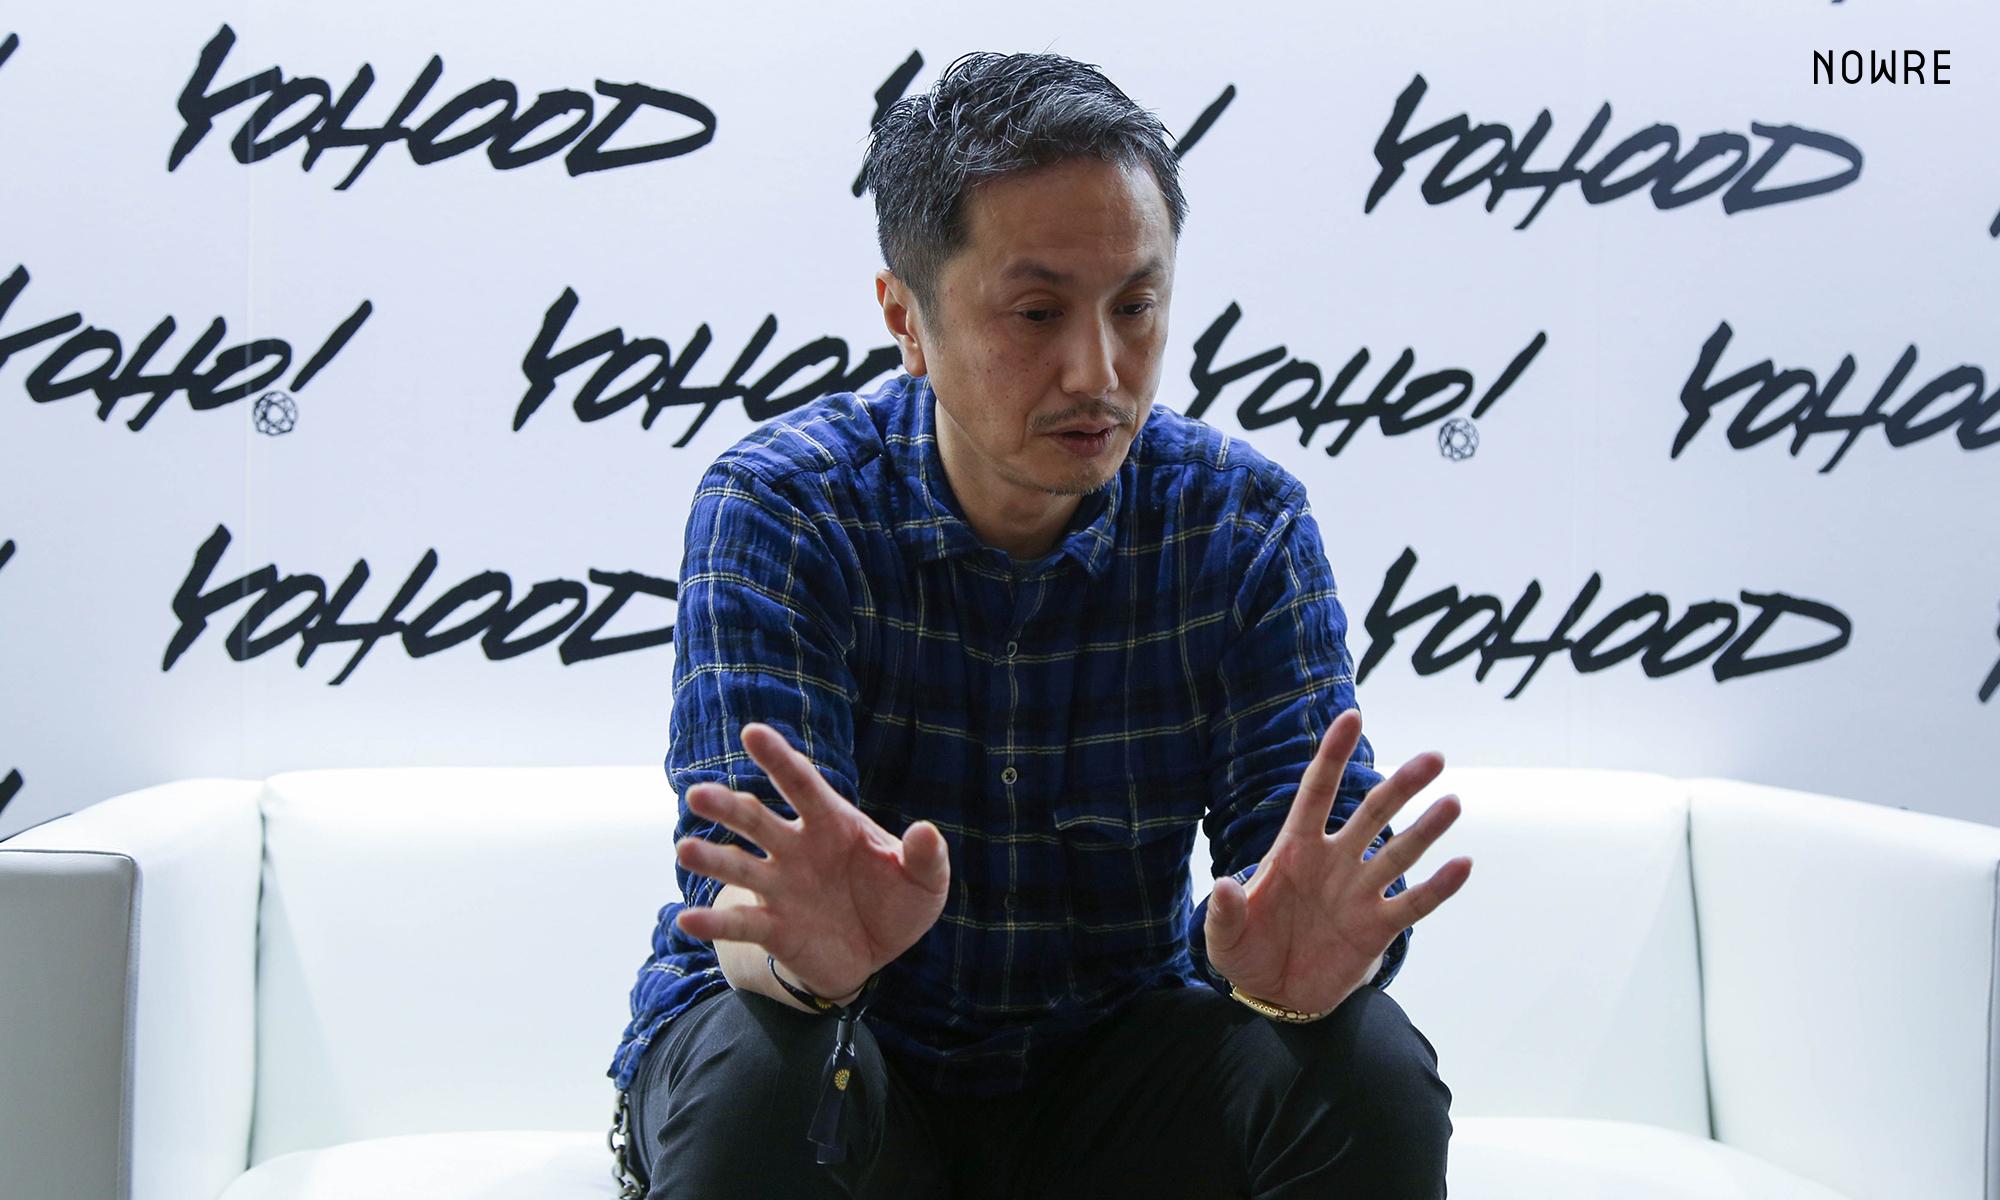 清永浩文:人先成名再做品牌,这不是一种好趋势